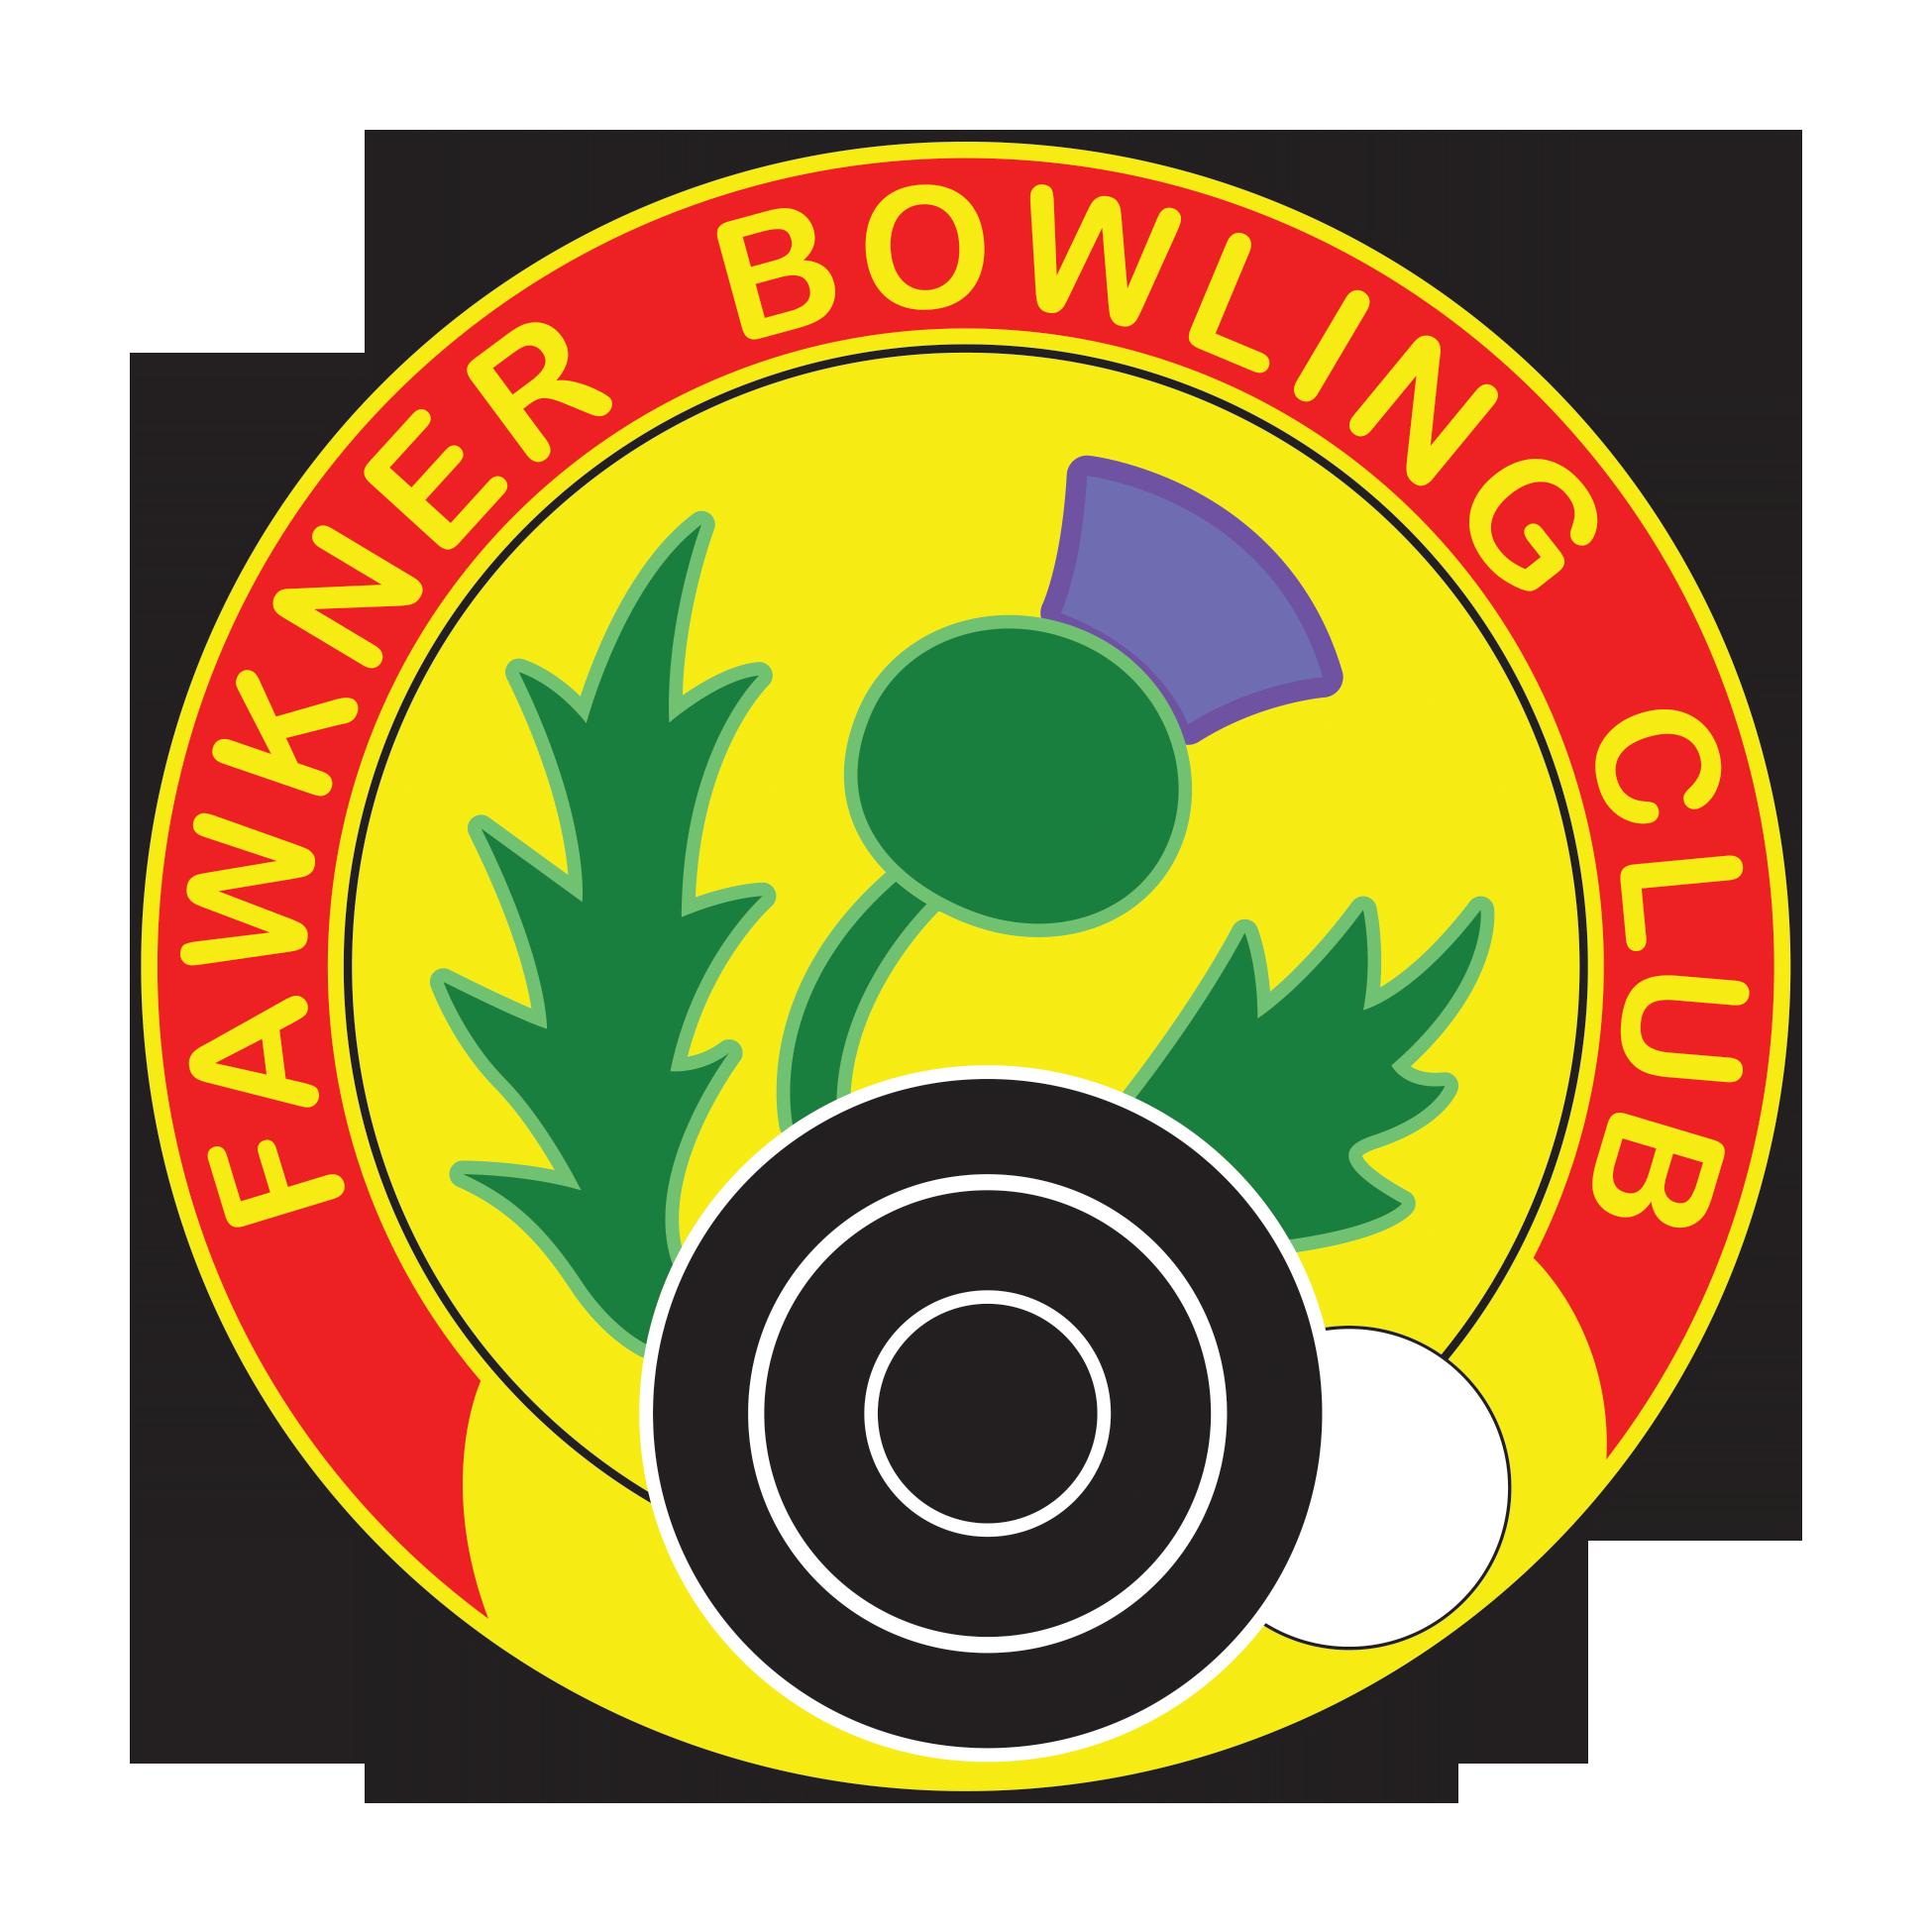 Fawkner Bowls Club